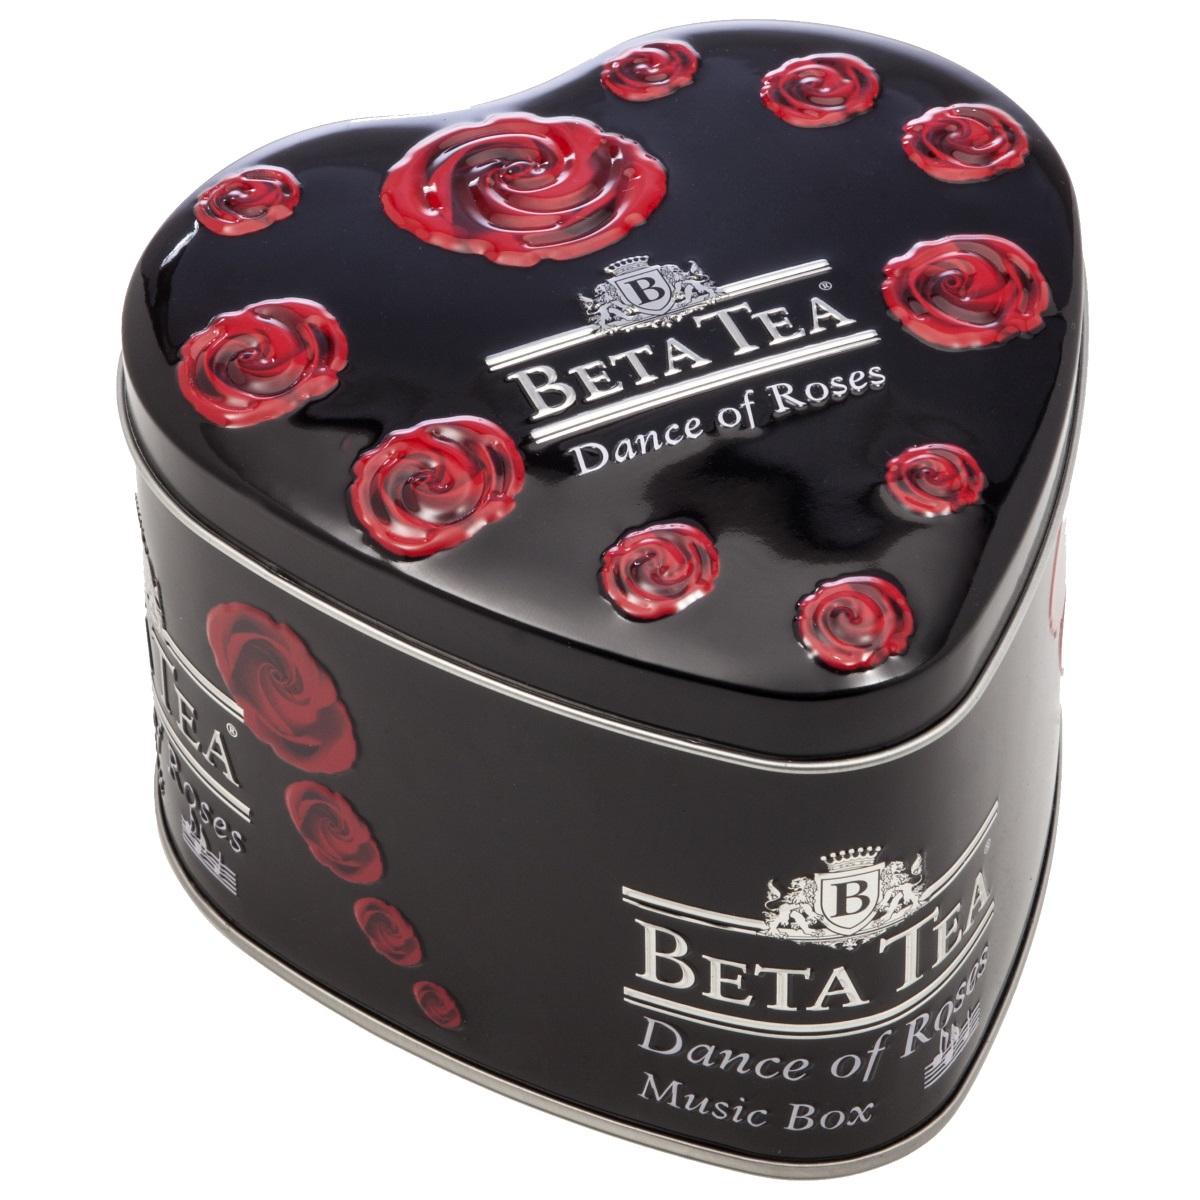 Фото Beta Tea Танец роз черный чай, 100 г (музыкальная шкатулка). Купить  в РФ